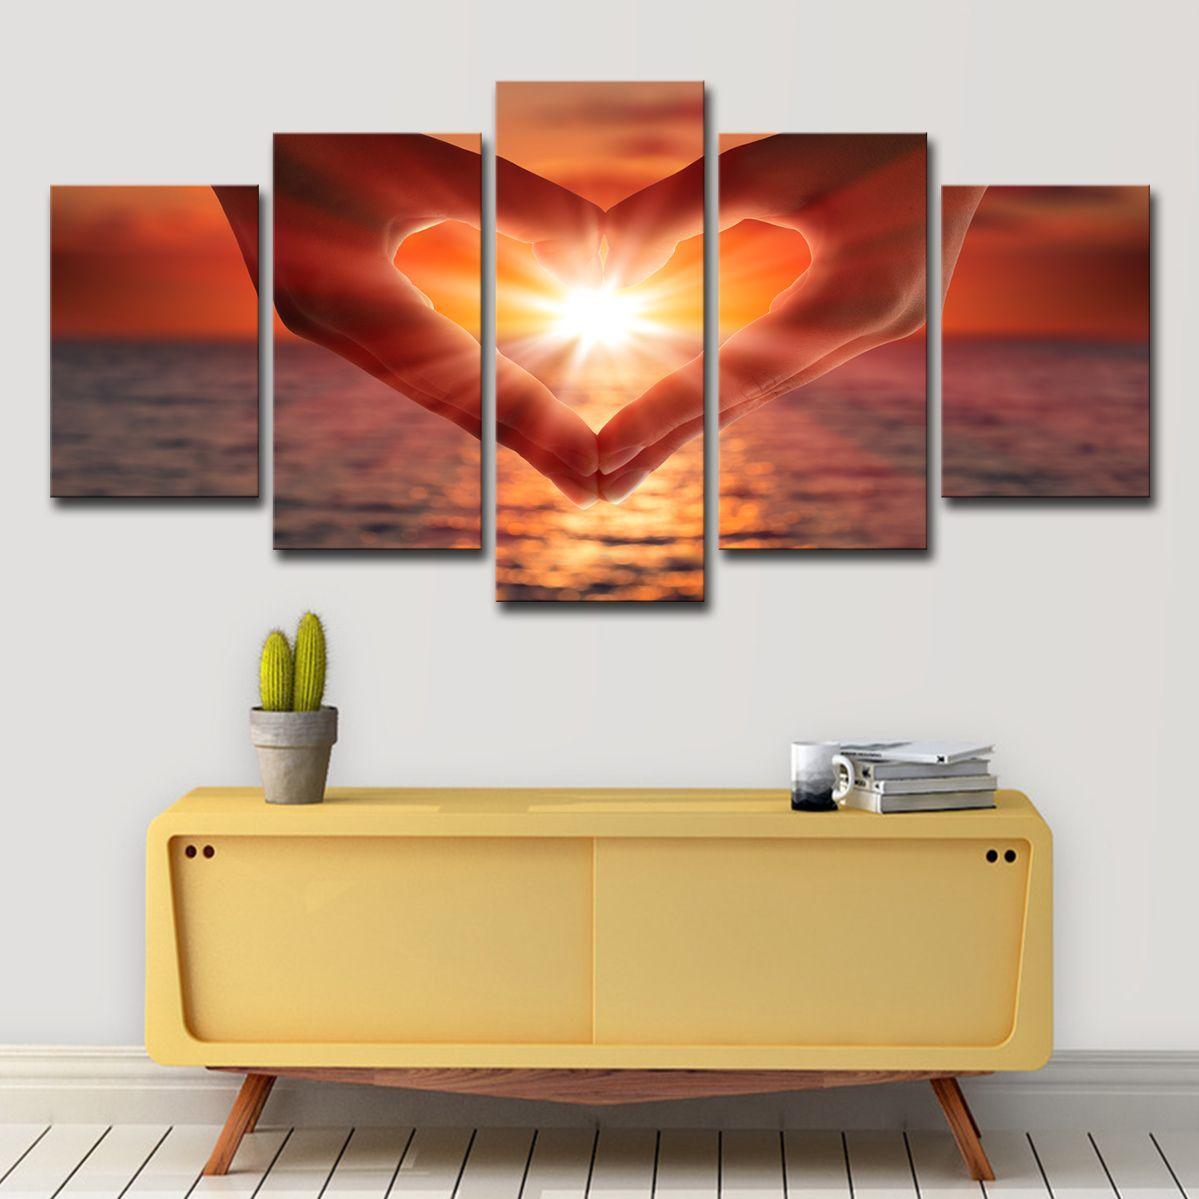 HD Baskılar Duvar Sanatı Tuval Resimleri 5 Parça Kalp Şekli Jest Sunset Seaview Resimleri Ev Dekorasyonu Oturma Odası Posteri